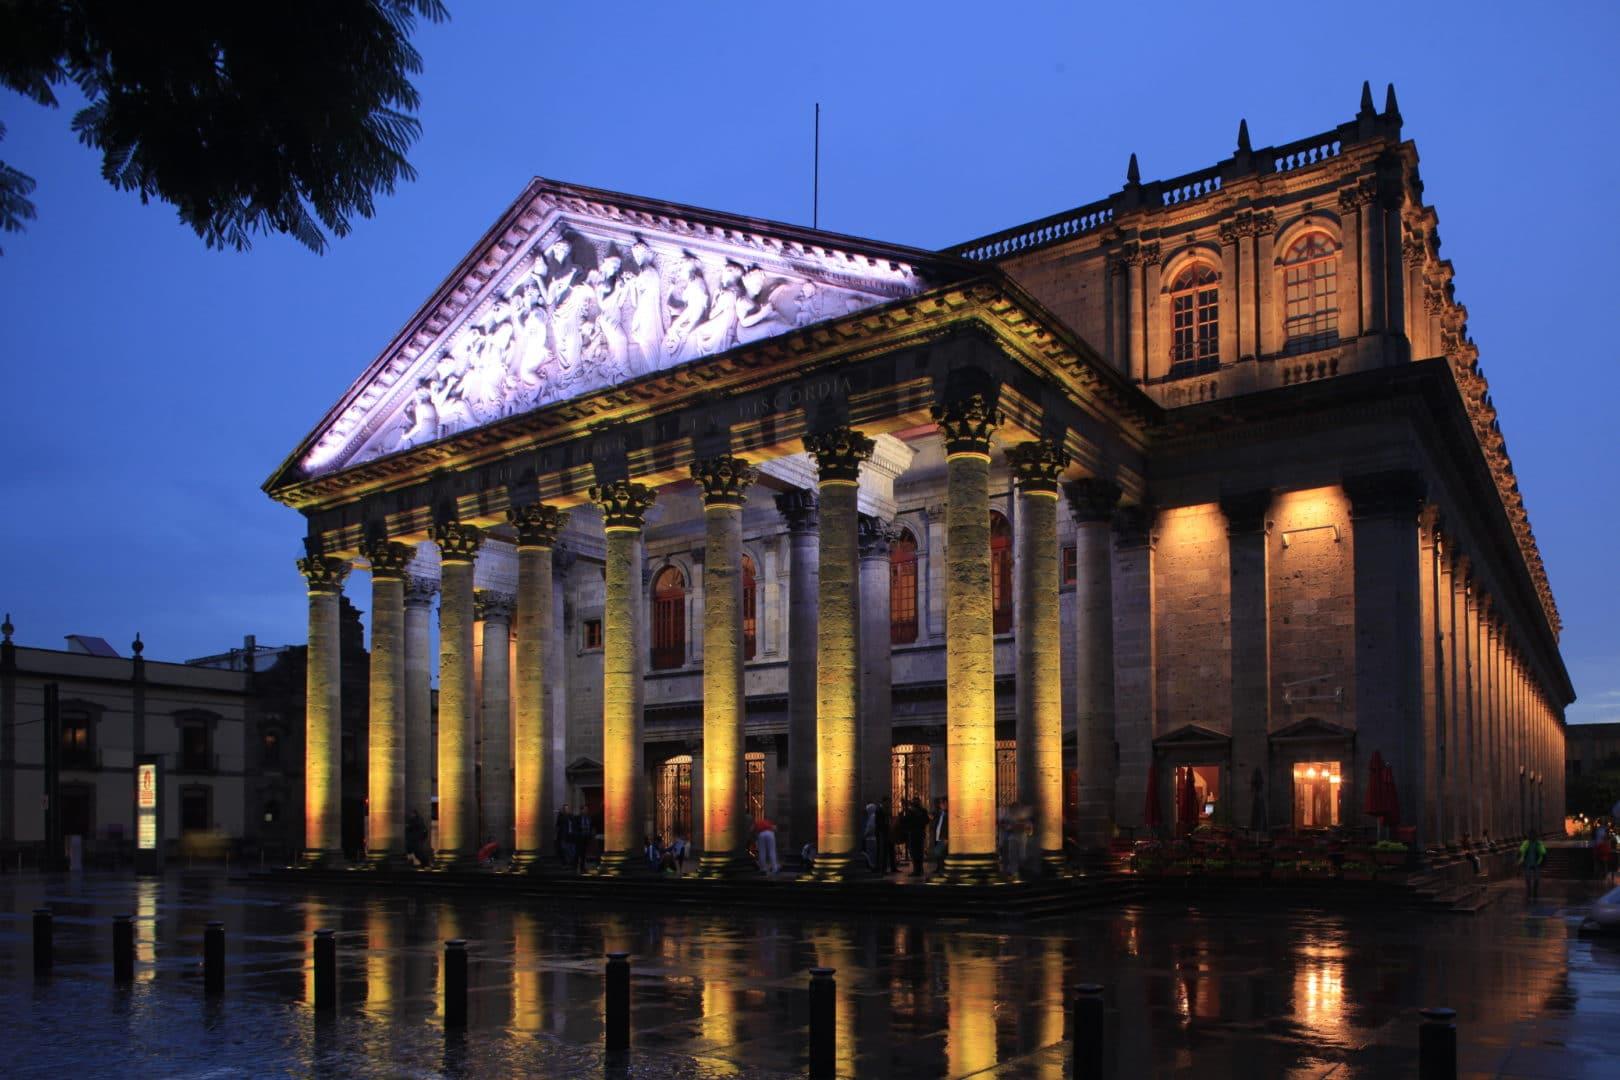 Teatro Degollado Exterior